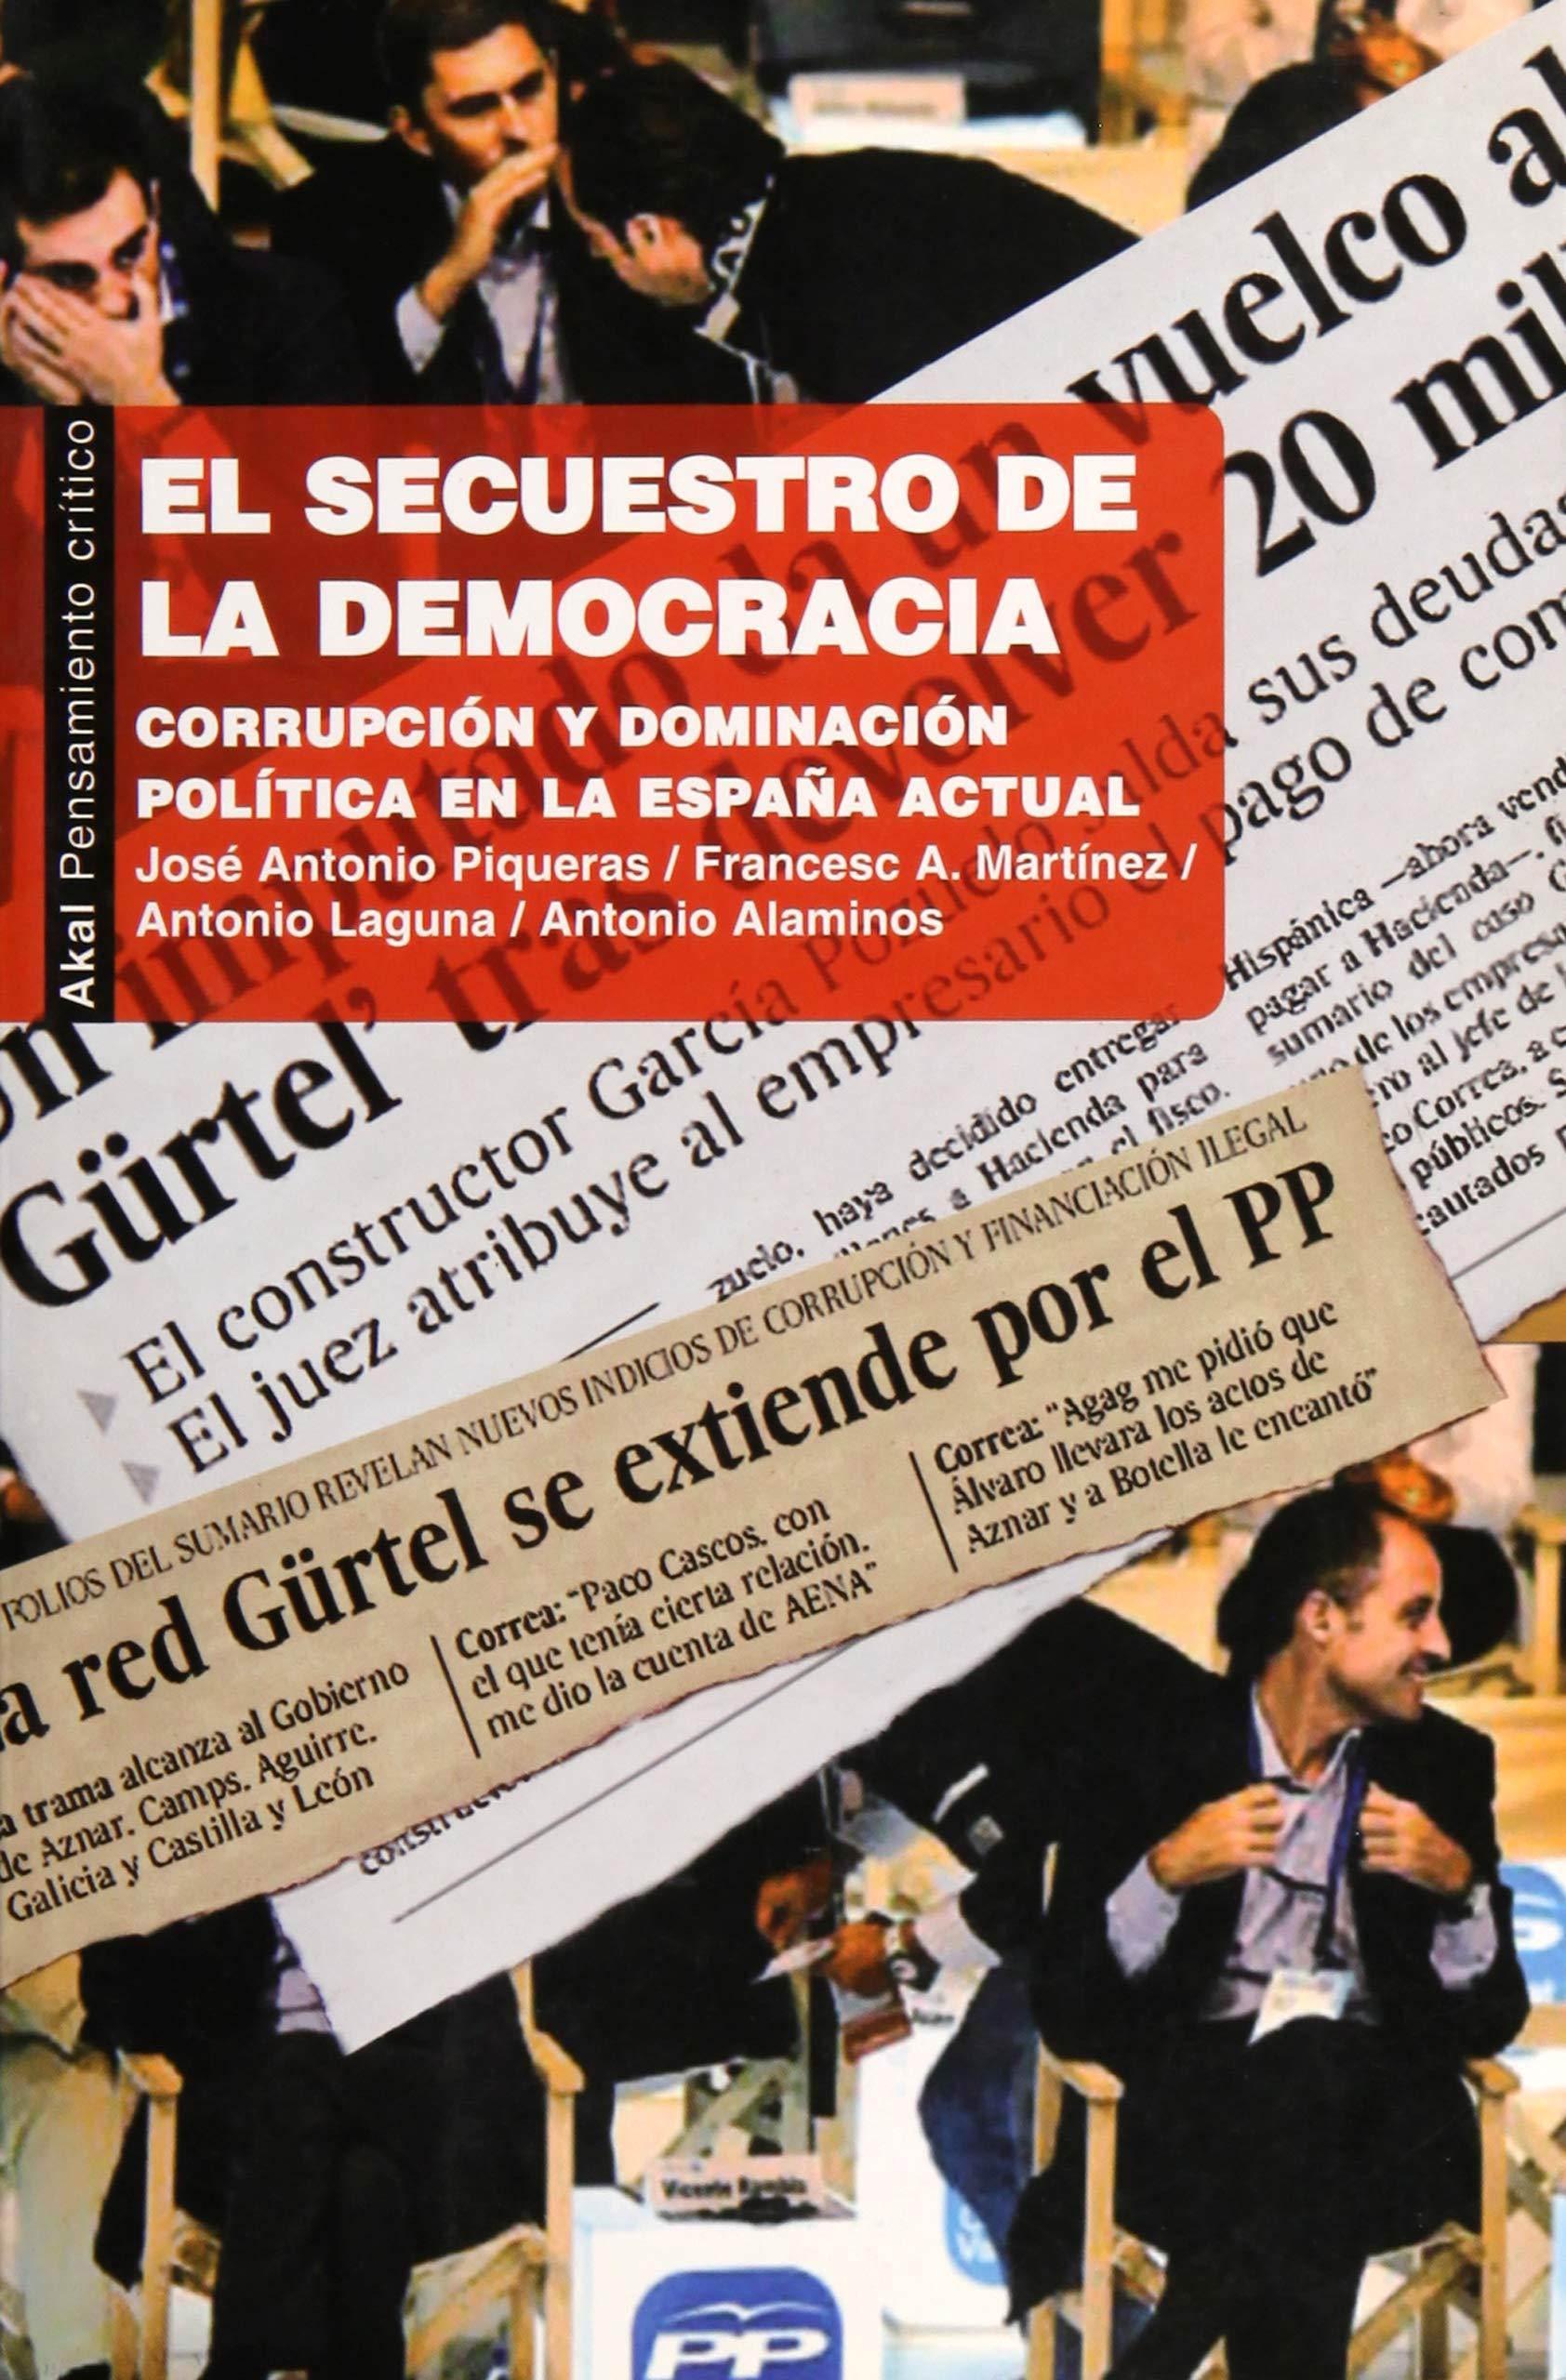 El secuestro de la democracia: Corrupción y dominación política en la España actual Pensamiento crítico: Amazon.es: Piqueras, Jose Antonio, [et Al.]: Libros